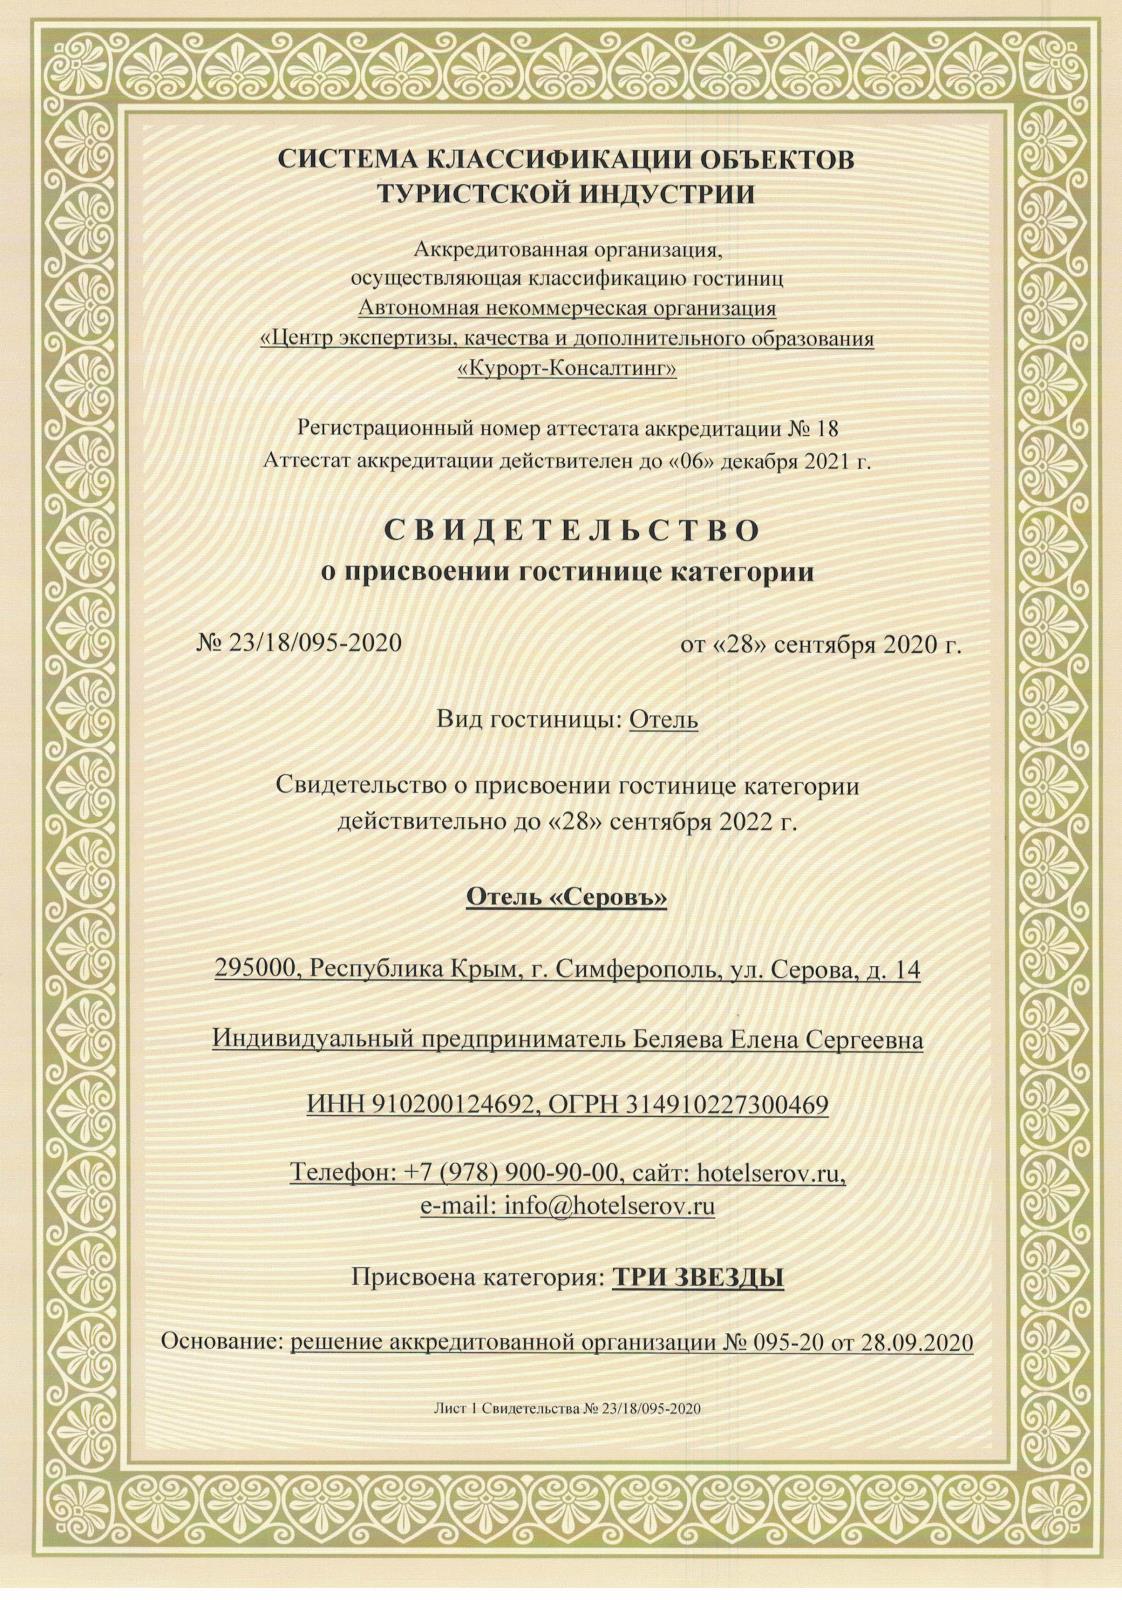 Отелю «СЕРОВЪ» присвоена категория: ТРИ ЗВЕЗДЫ